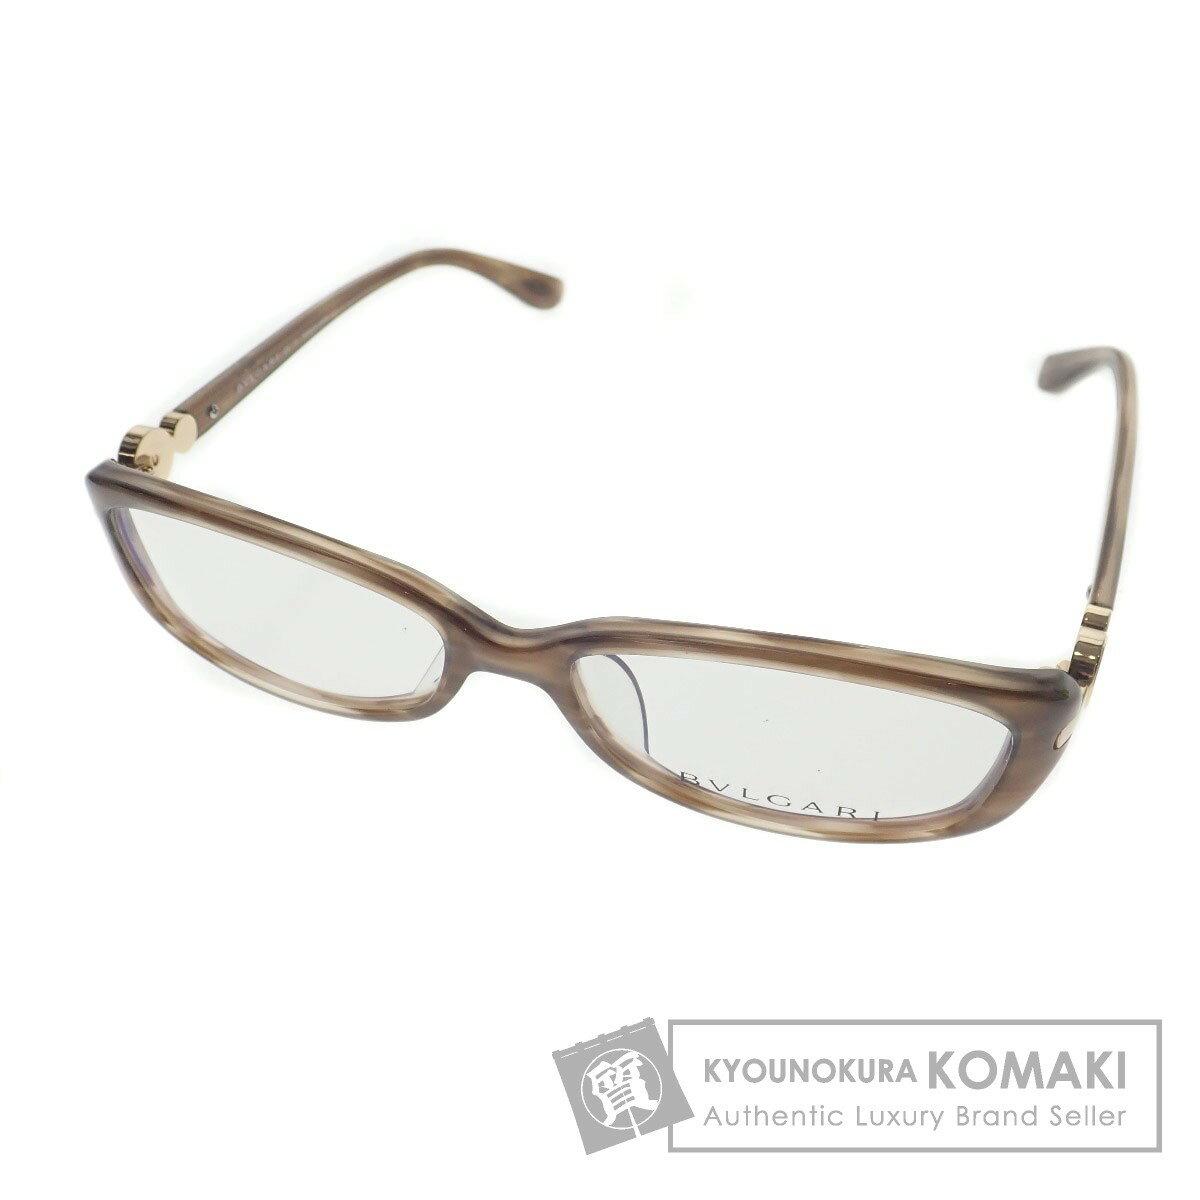 BVLGARI 度なし 眼鏡 プラスチック レディース 【中古】【ブルガリ】